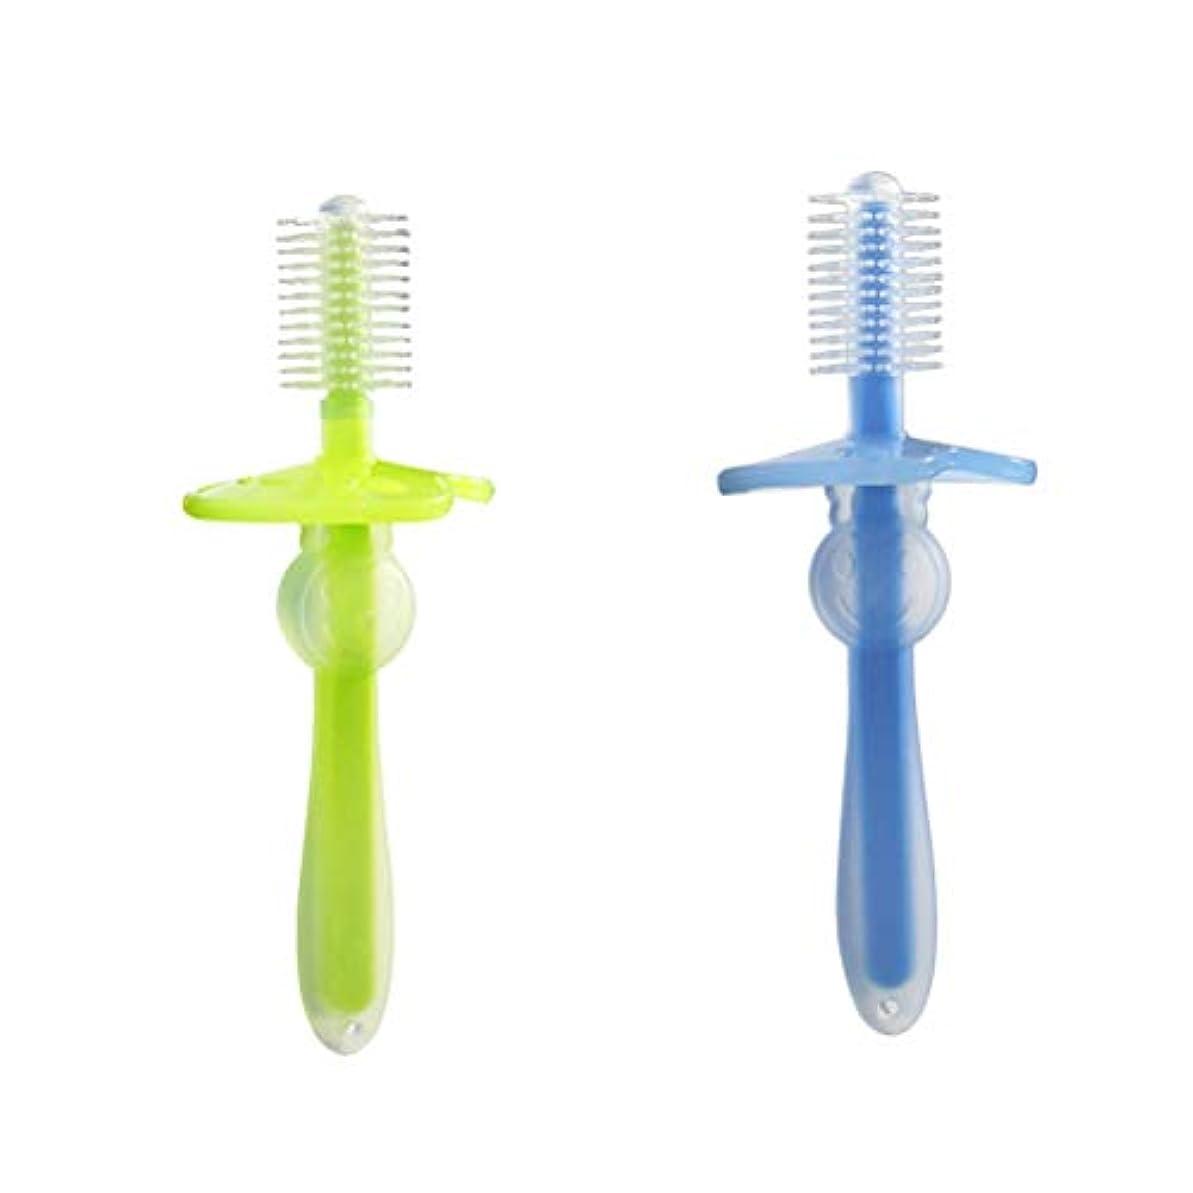 しかしながら急性賢明なHealifty 歯ブラシ シリコン 360°ベビー歯ブラシ 幼児 柔軟なトレーニング歯ブラシ 2ピース(緑と青)